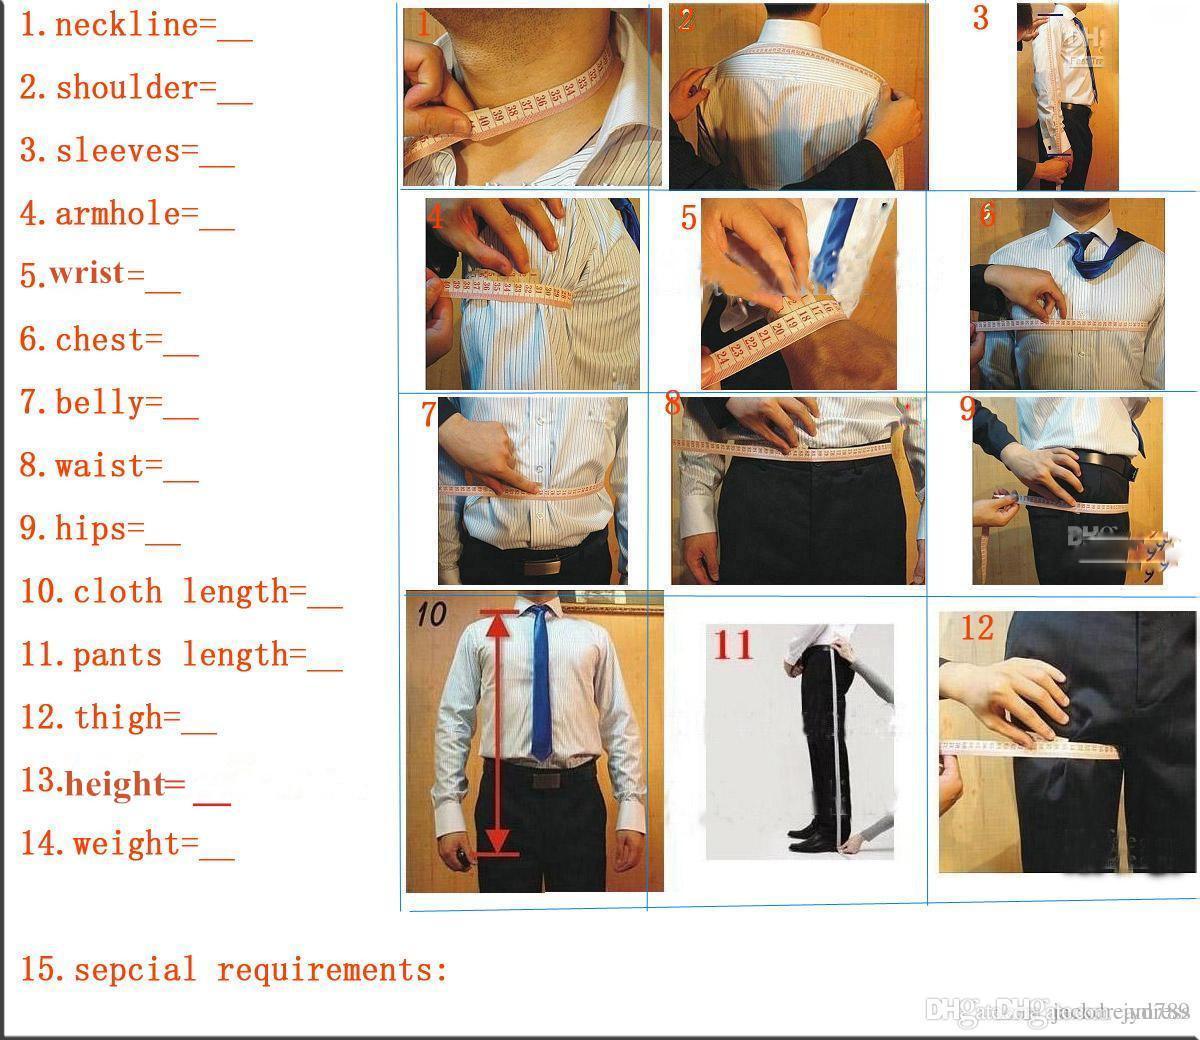 Alta calidad Dos botones Novio Esmoquin Negro Padrino de boda El mejor hombre se adapta a la fiesta de baile Trajes formales de negocios chaquetas + pantalones + chaleco Trajes de boda